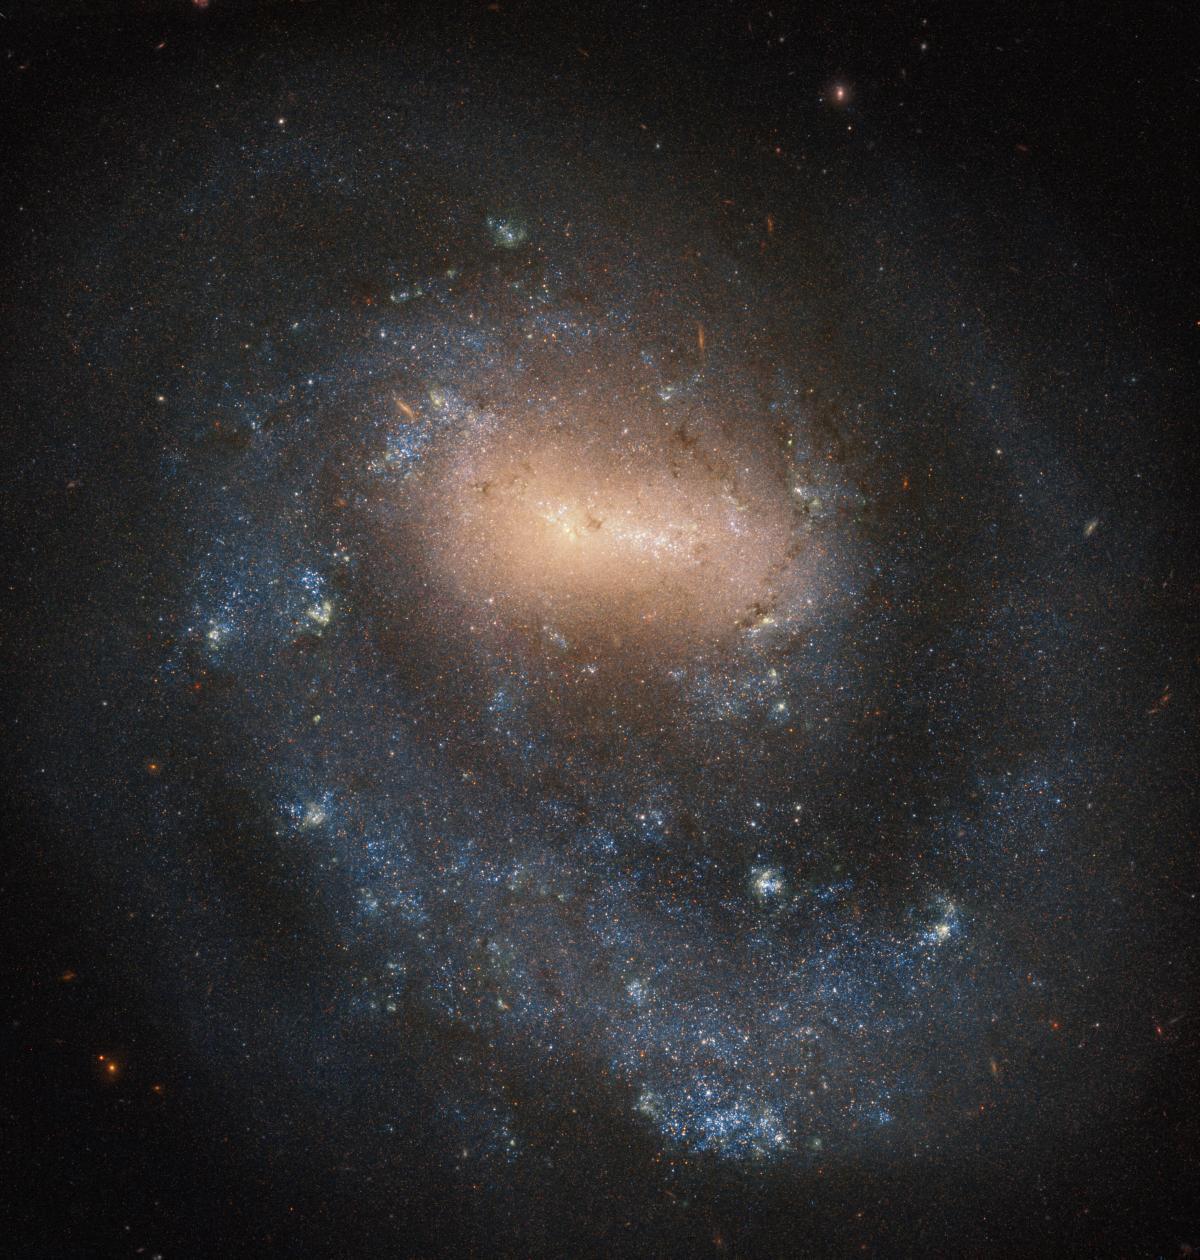 Галактику открыл 9 апреля 1787 года Уильям Гершель / фото ESA/Hubble & NASA, I. Karachentsev